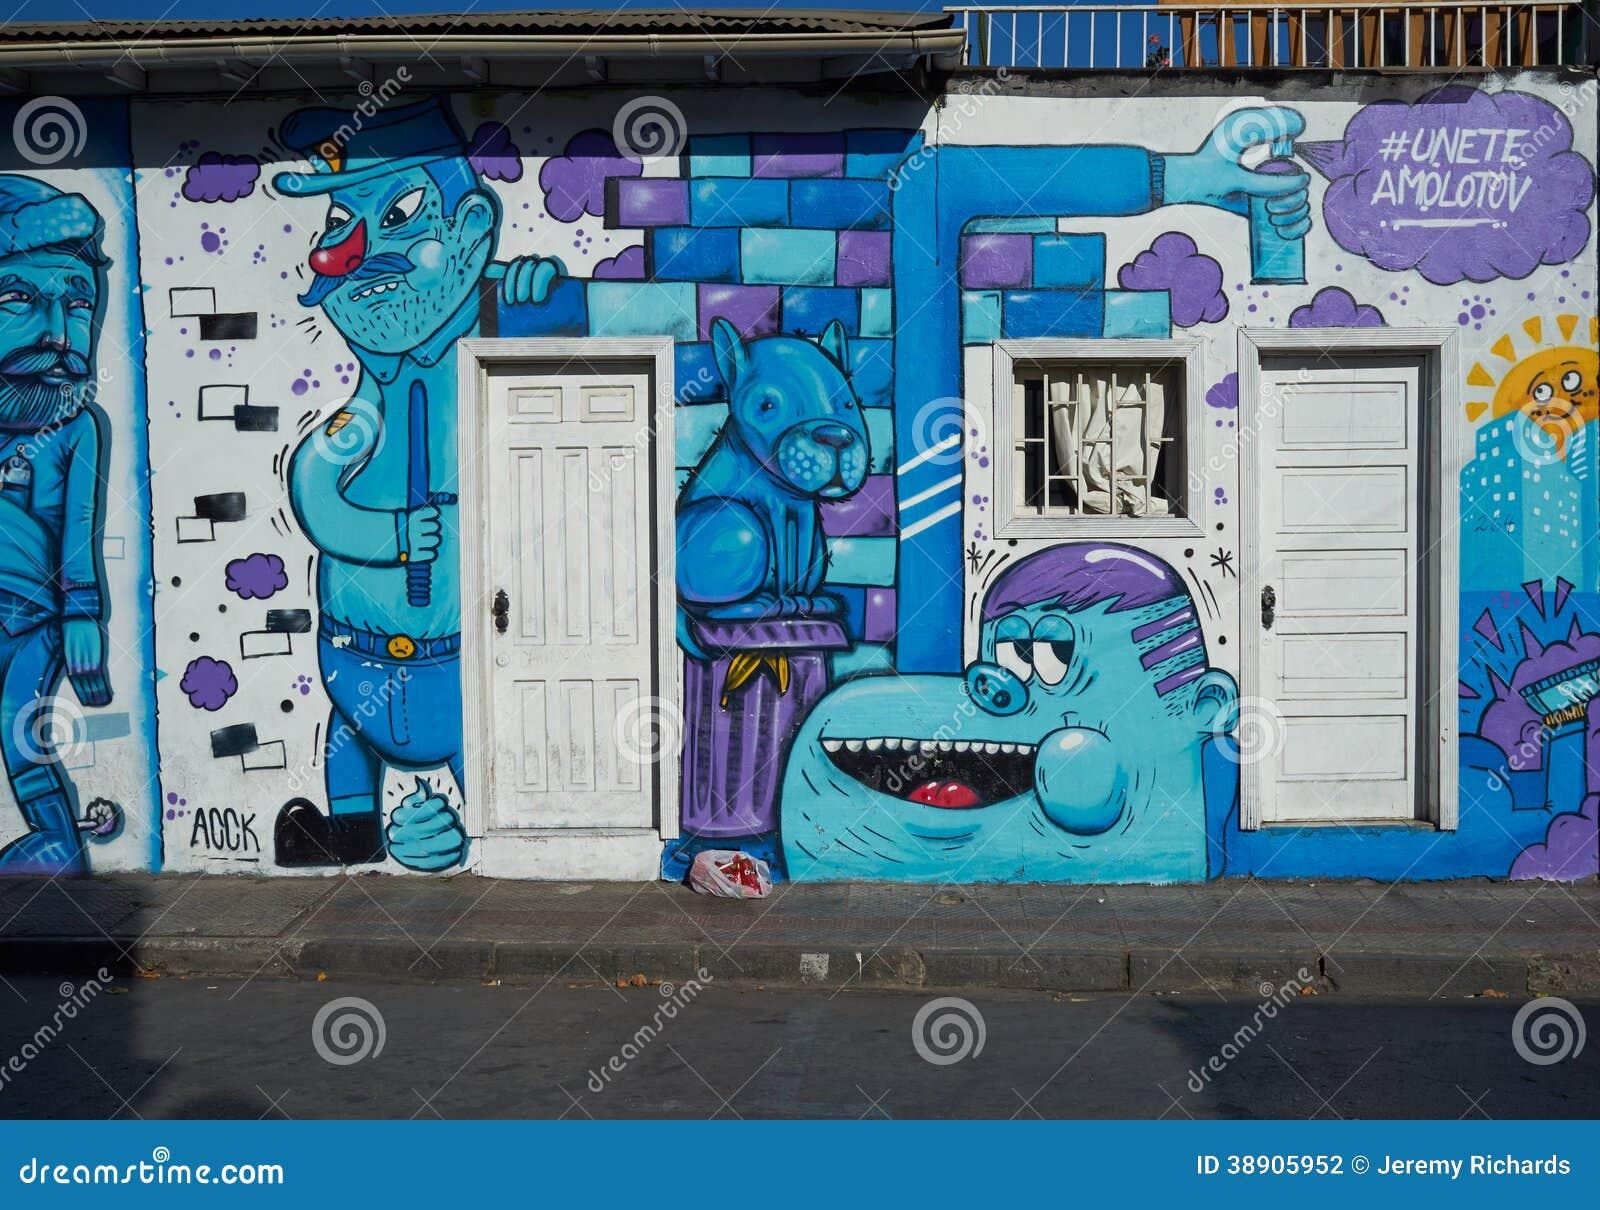 Barrio bellavista editorial photography image 38905952 for Carpenter papel mural santiago chile